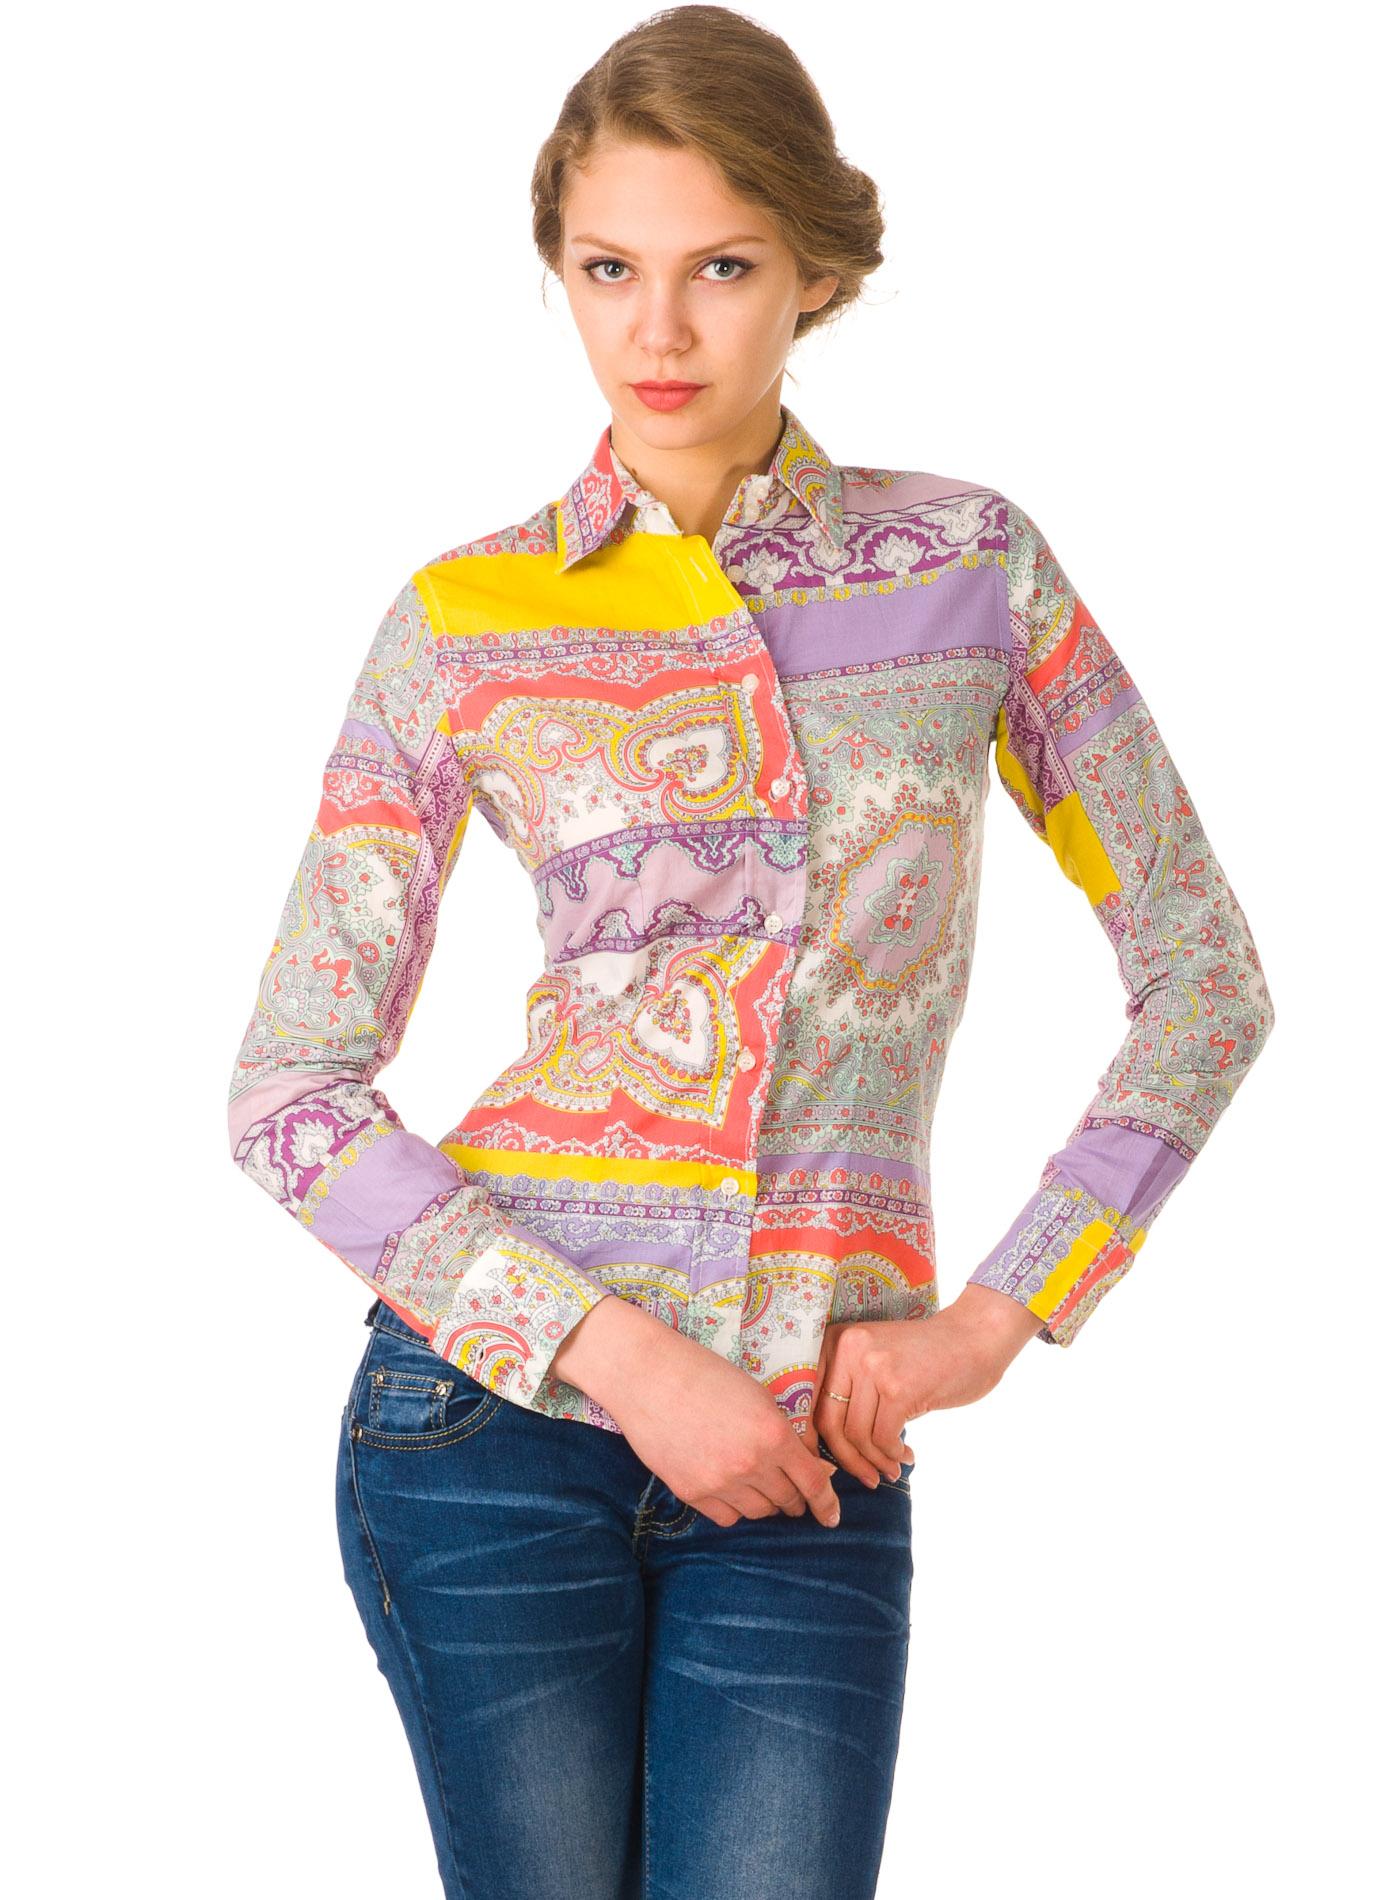 Описание : Рубашка ETRO, на пуговицах